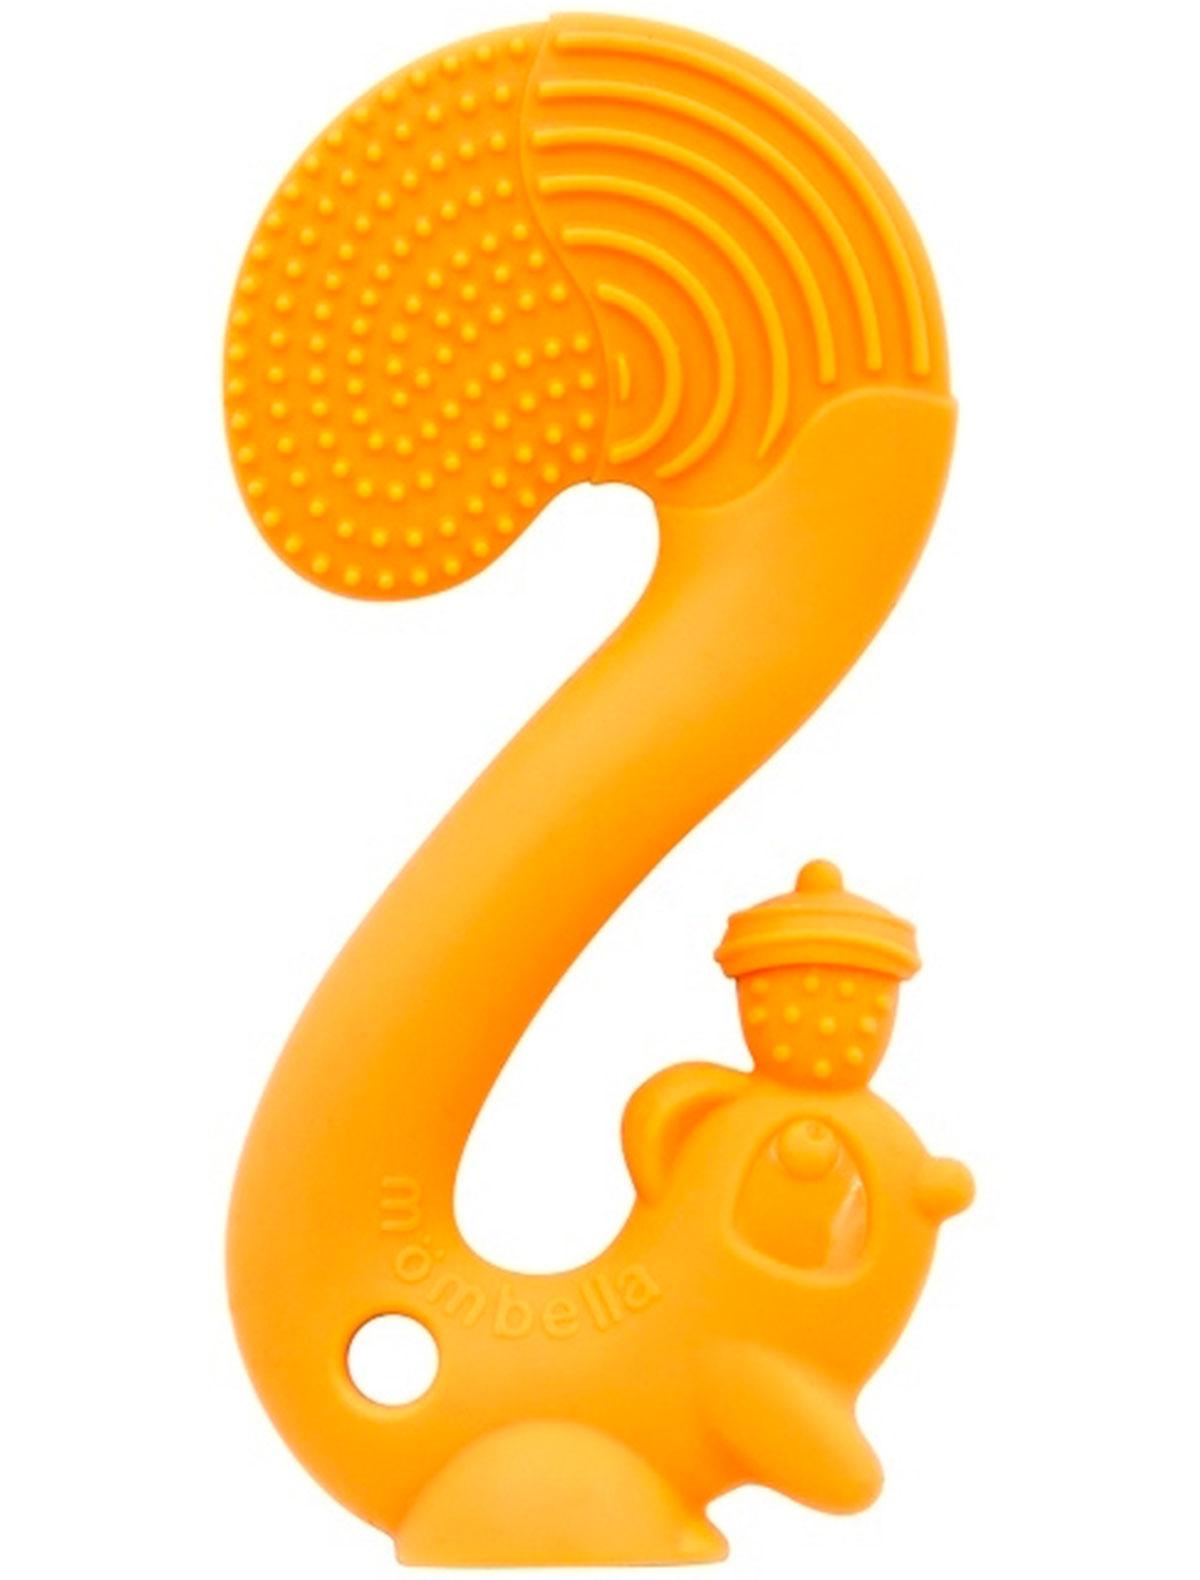 Купить 2214194, Прорезыватель для зубов Mombella, оранжевый, 5644520070010